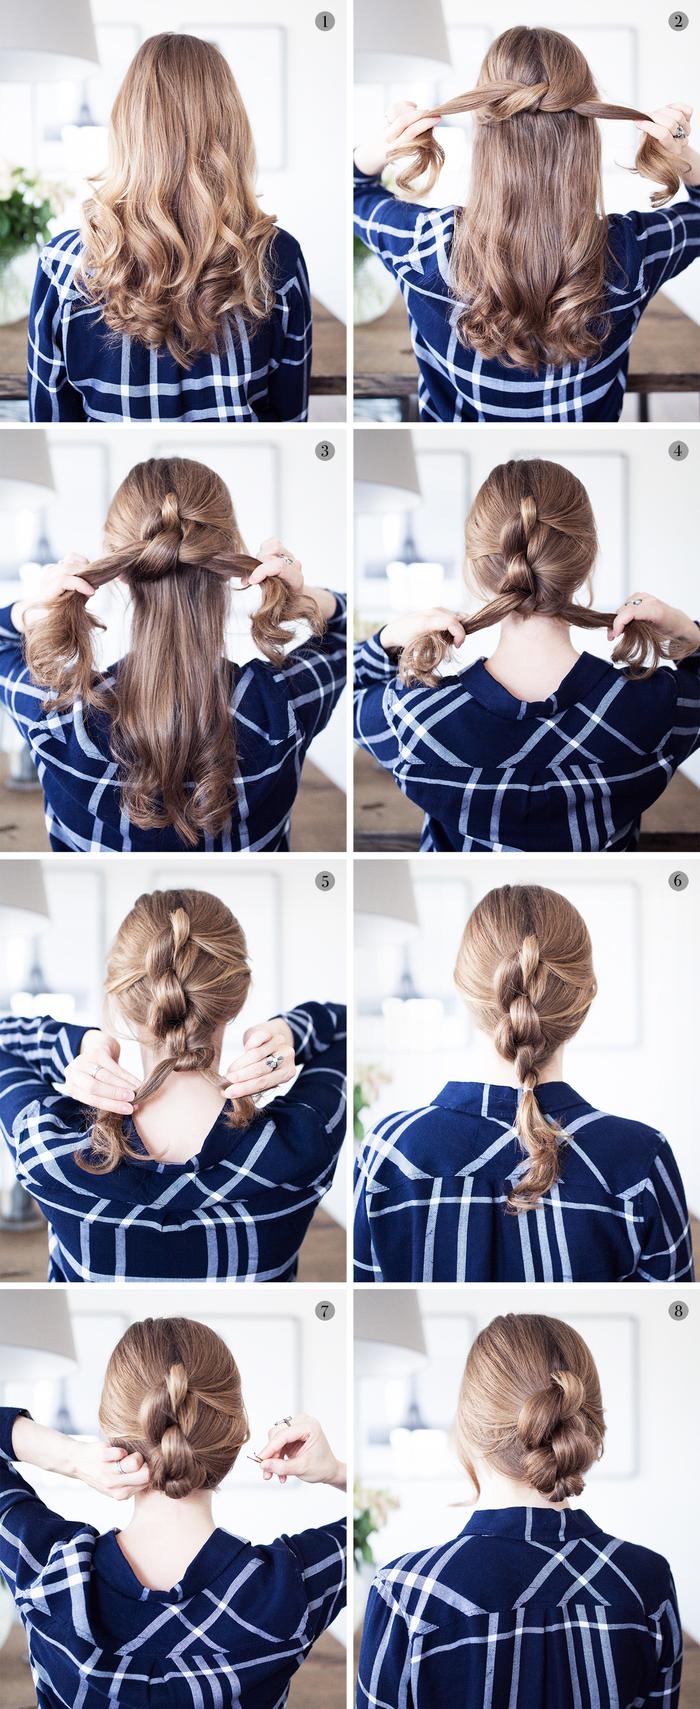 un chignon facile à réaliser pour un effet cheveux tressés relevés